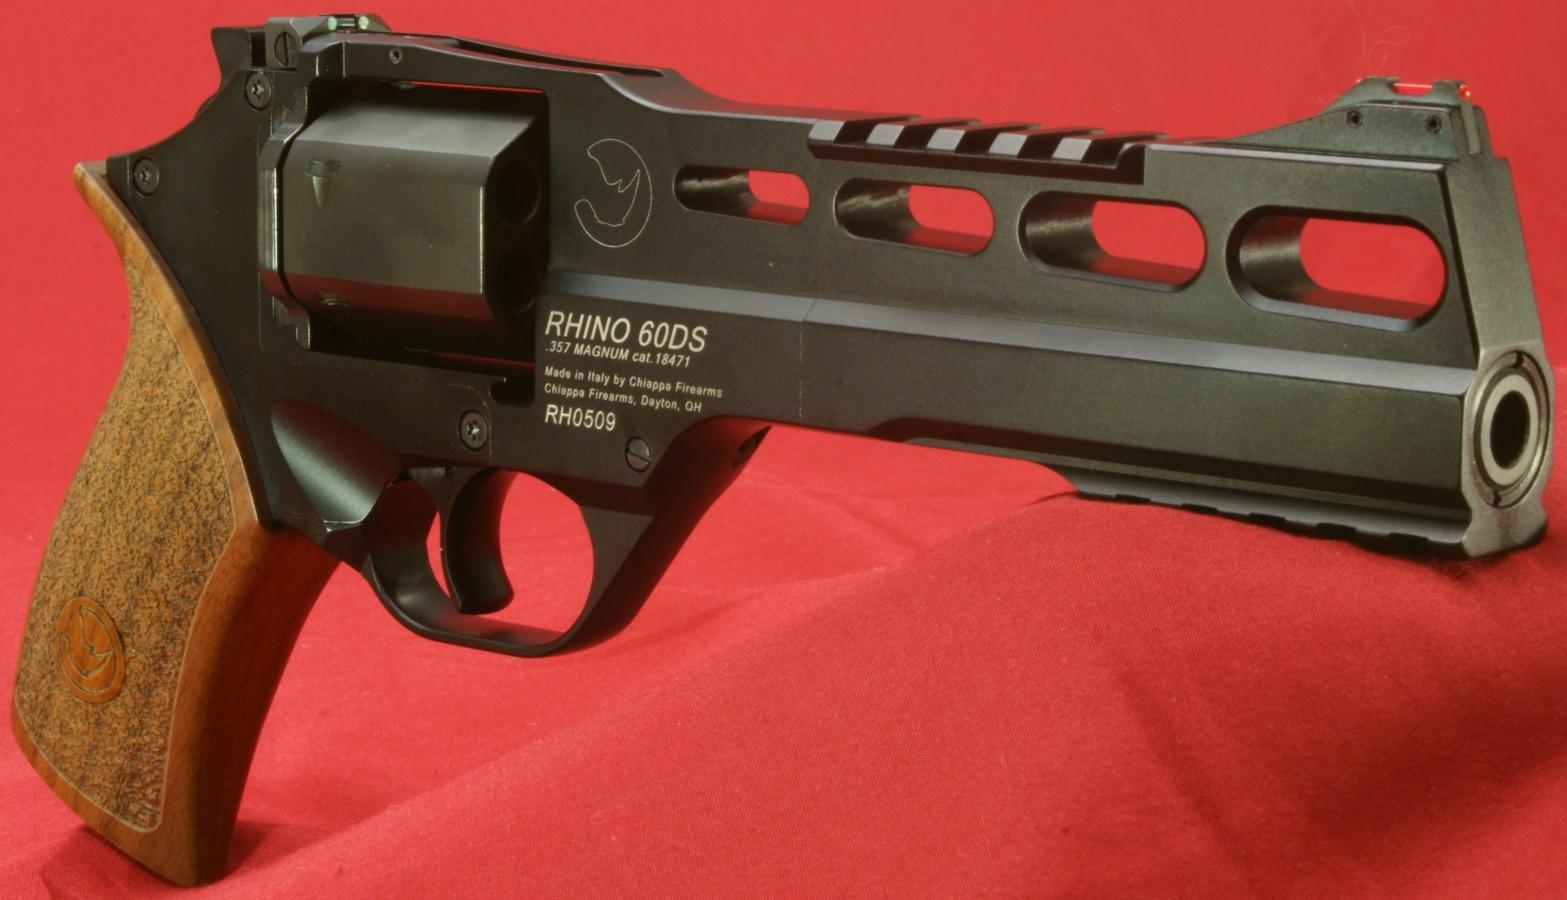 HQ Chiappa Rhino Revolver Wallpapers | File 550.32Kb